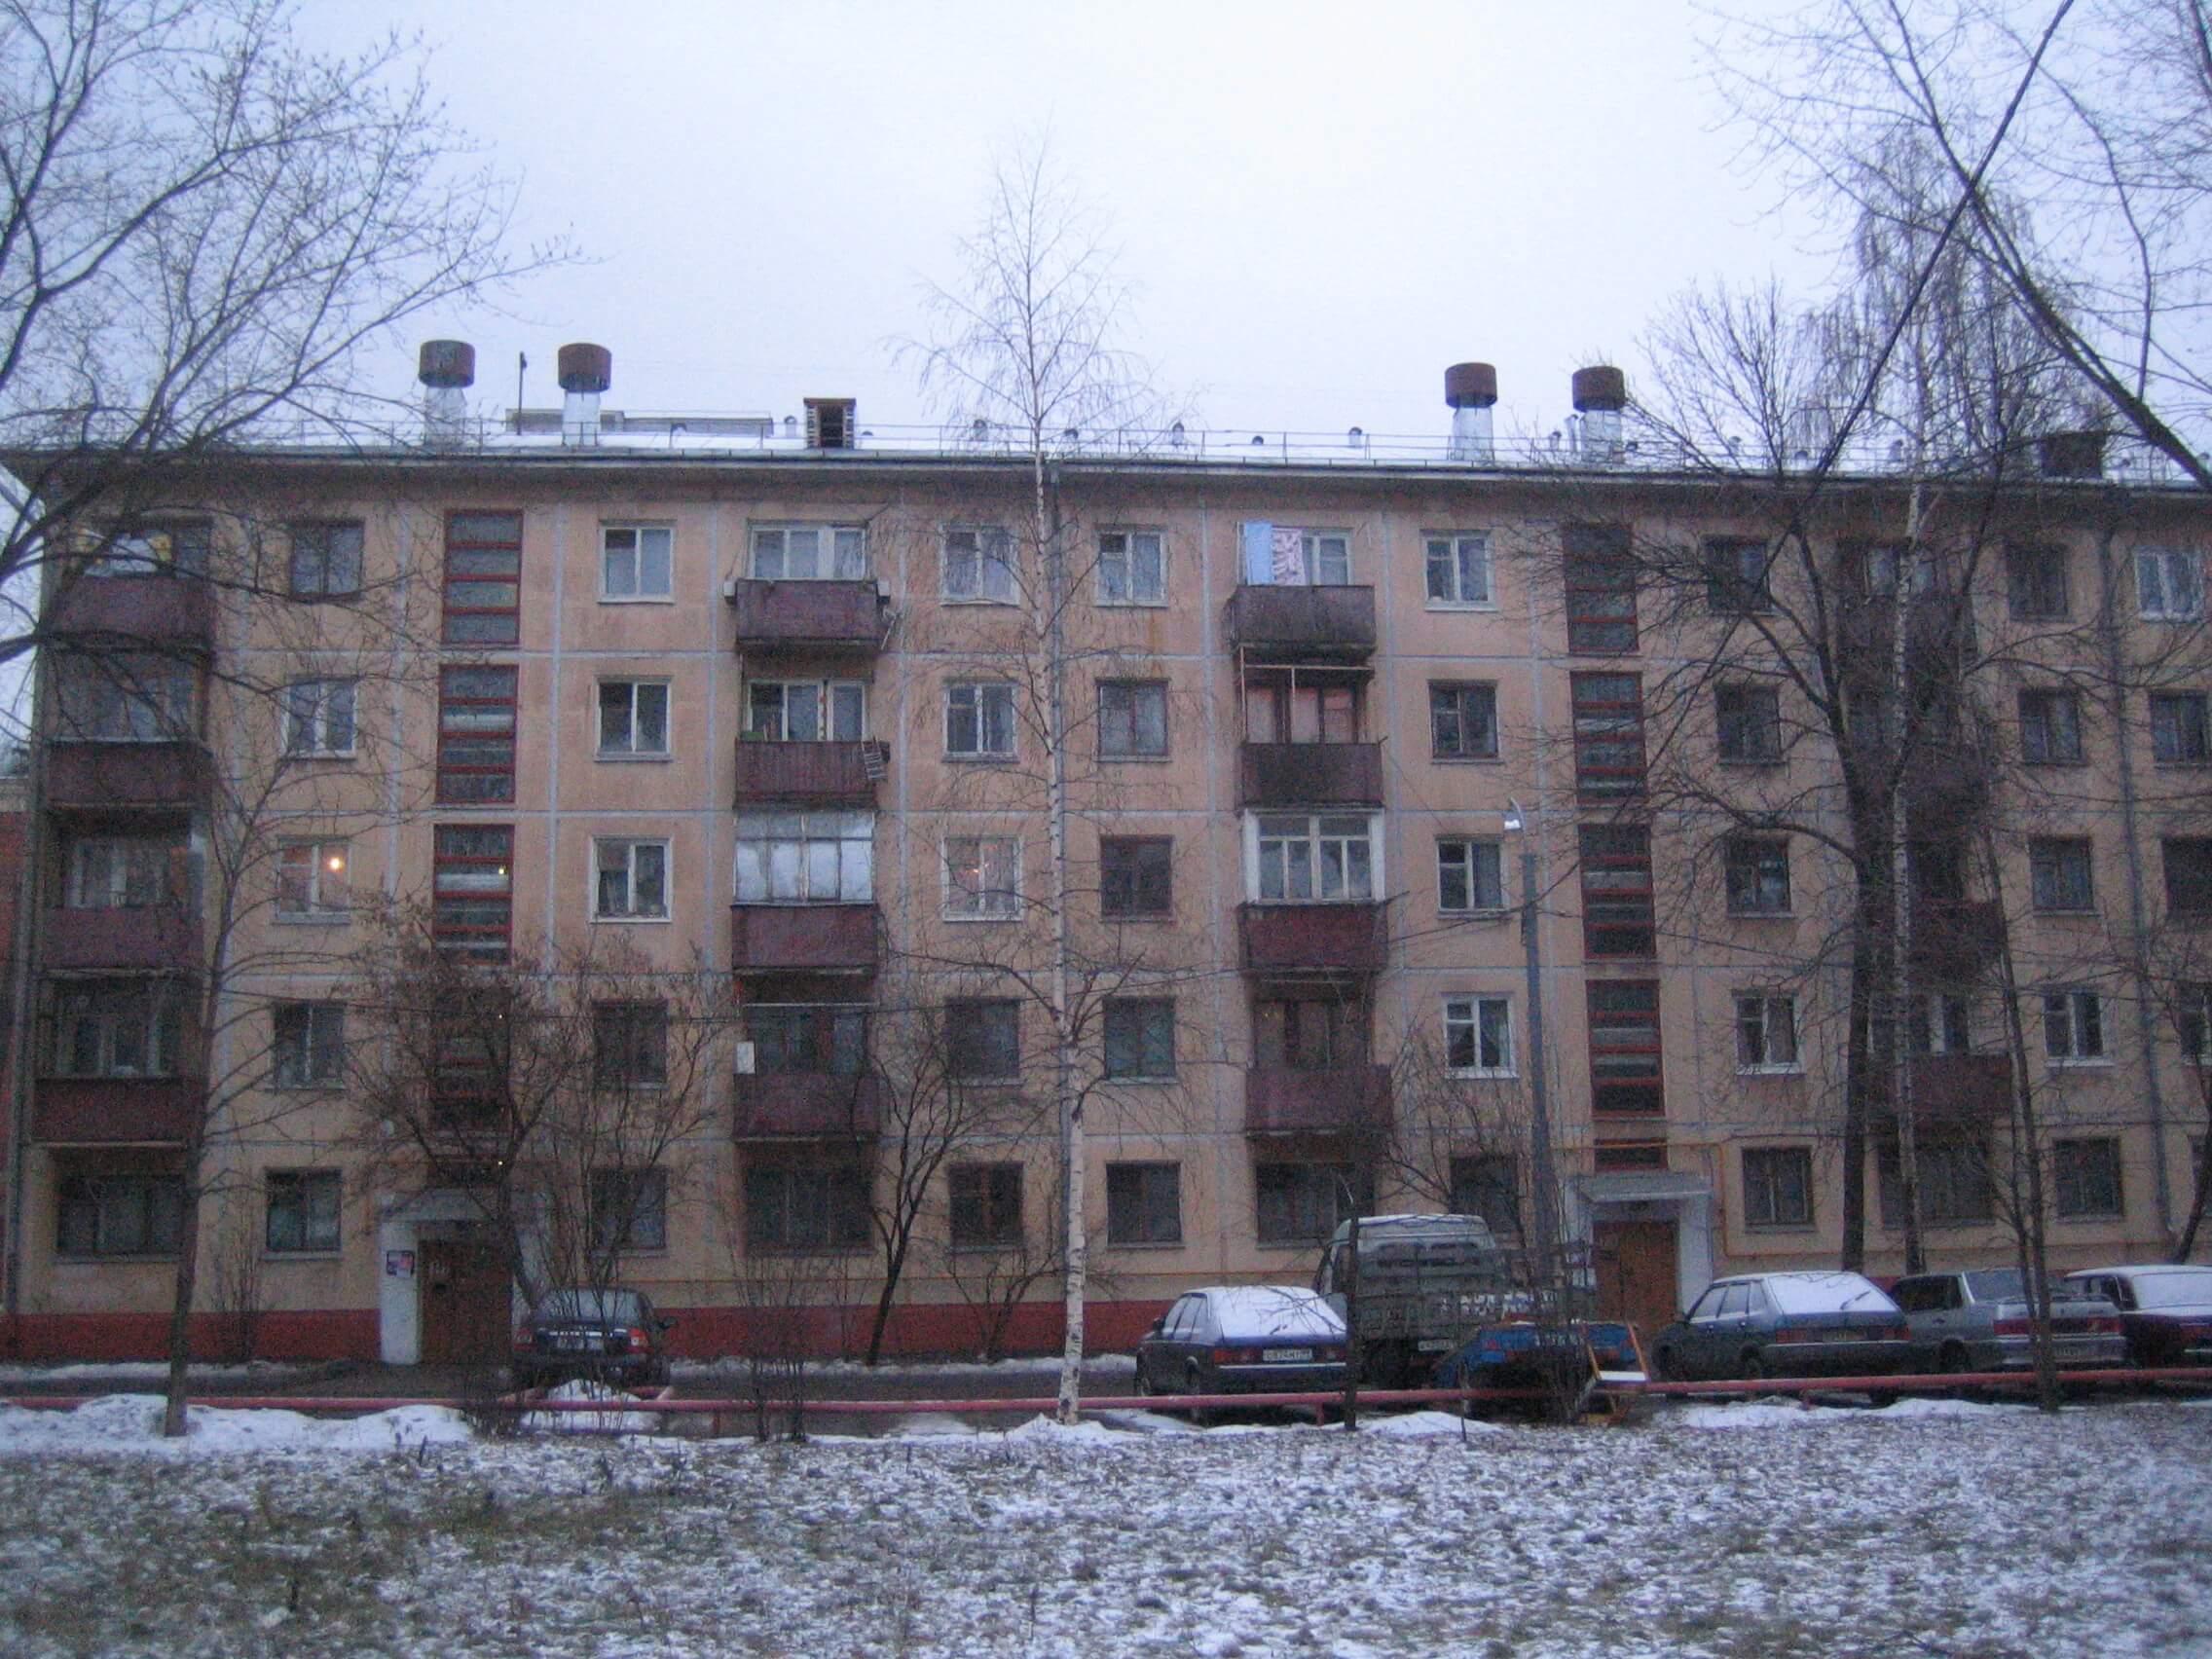 Зачем сносят пятиэтажки?